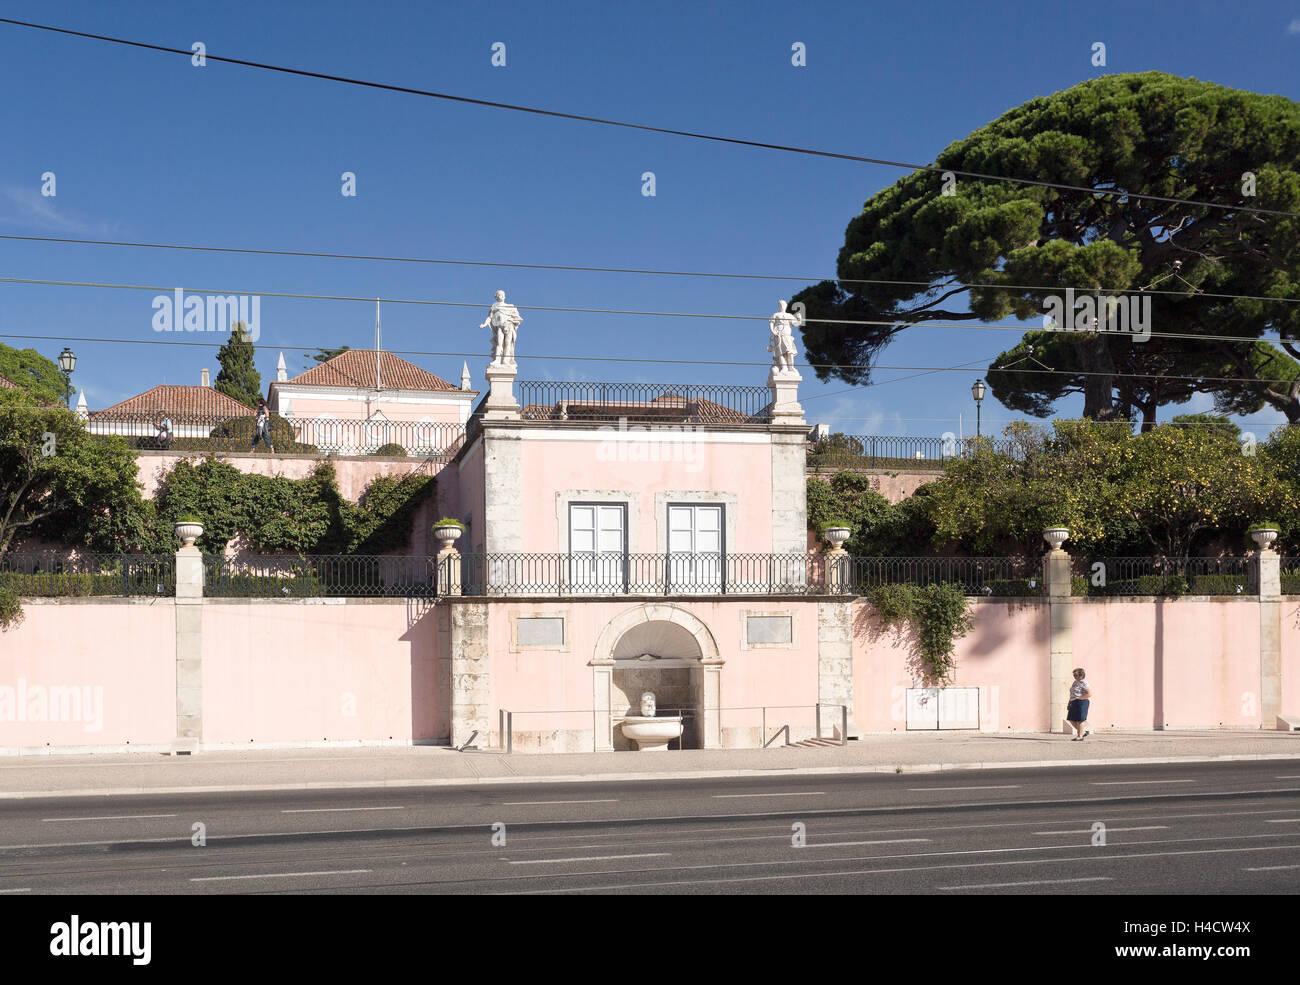 Португальская резиденция болгария дом недвижимость